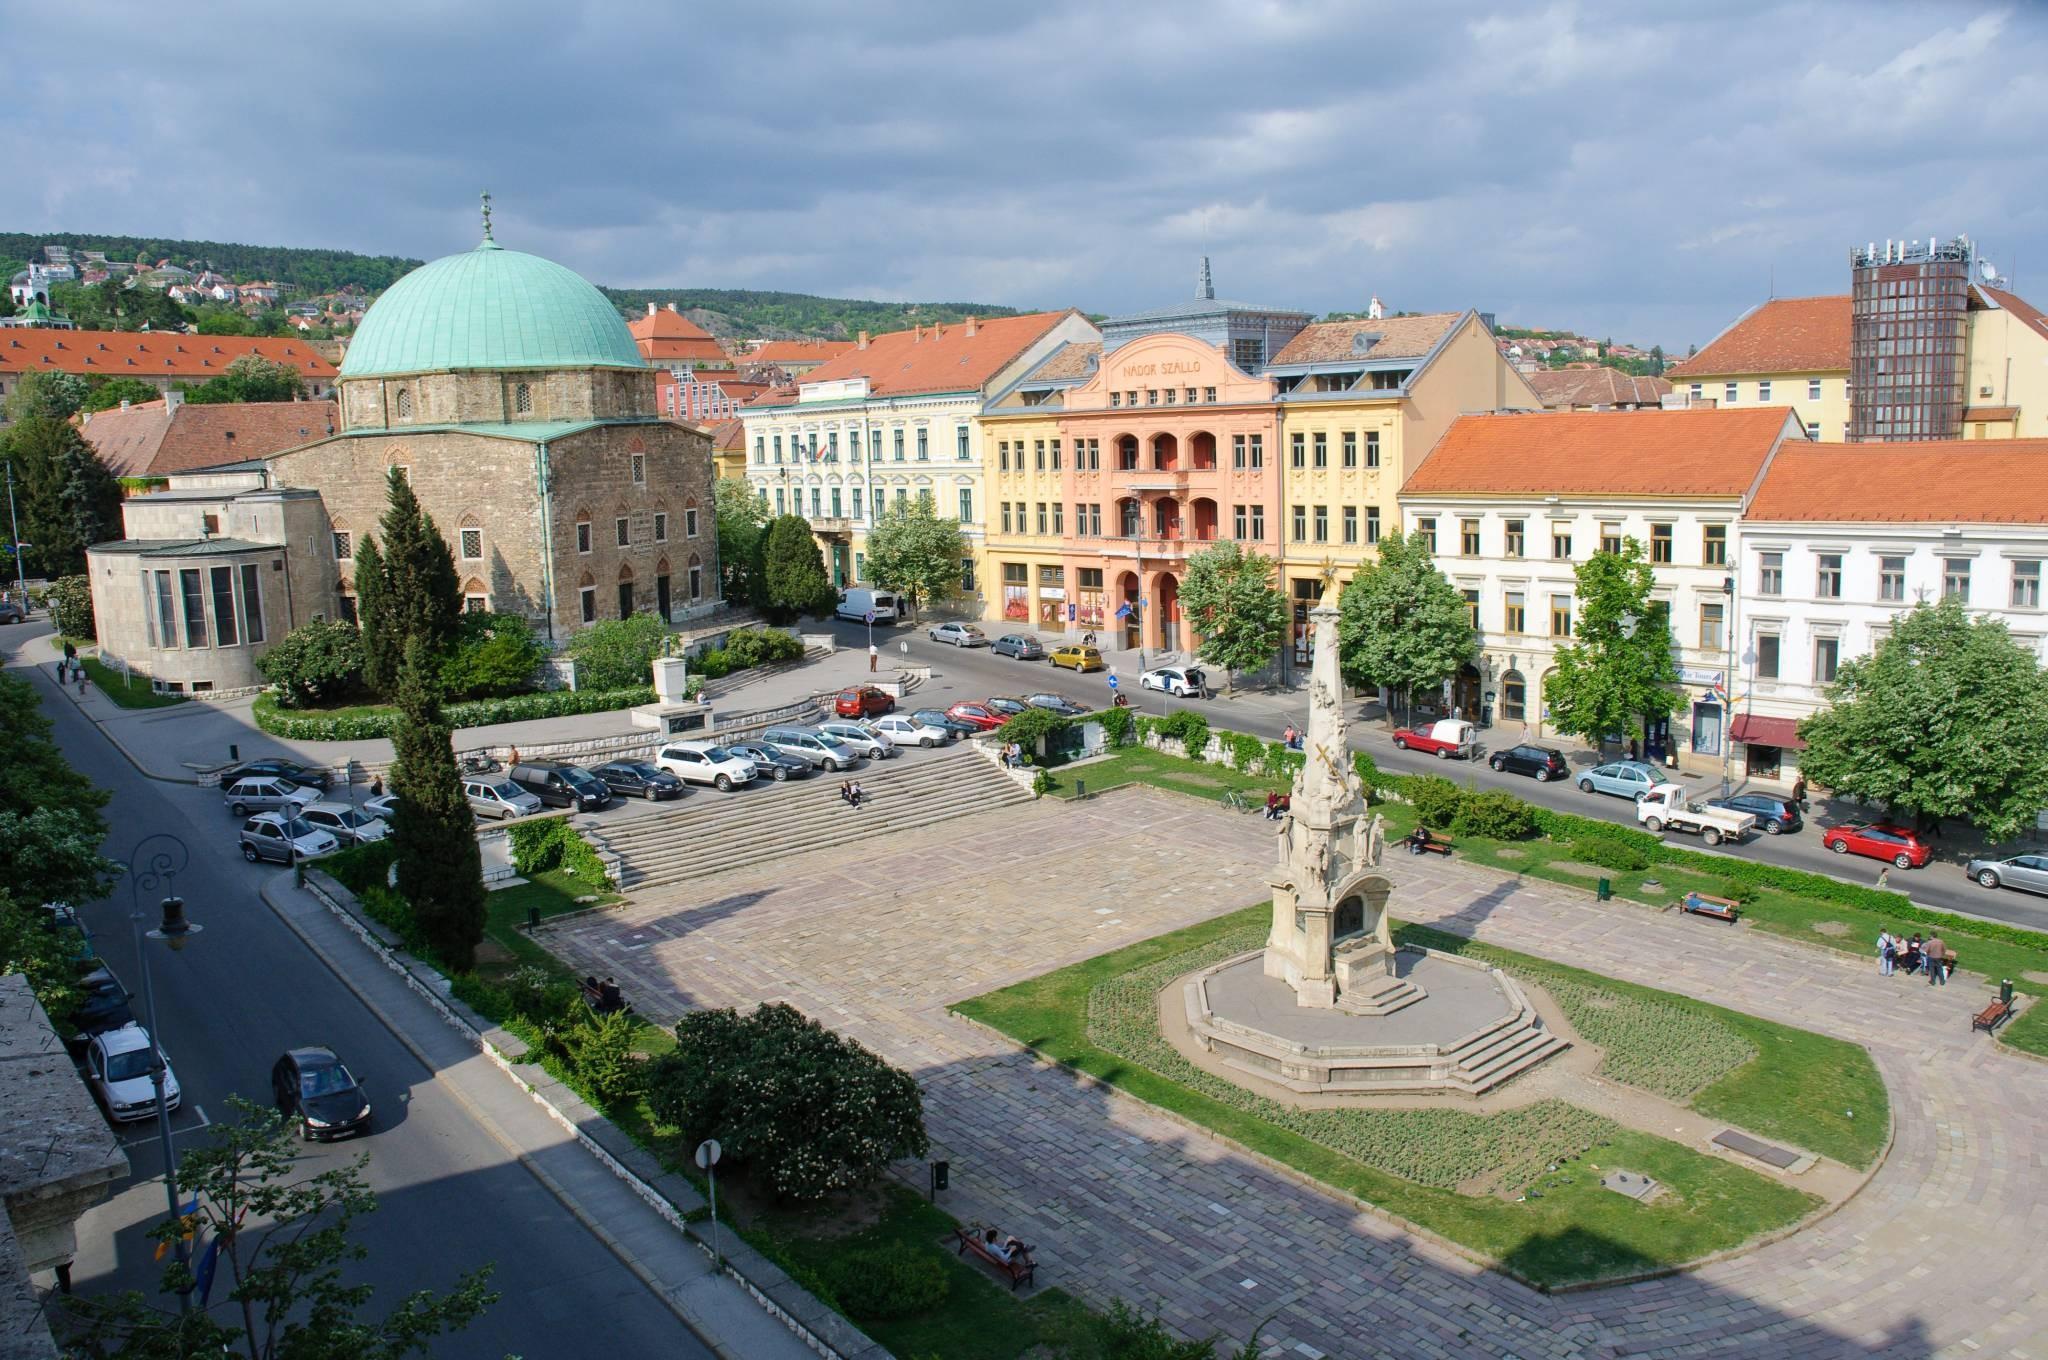 Pécsnek is kiemelkedő az üzleti környezete